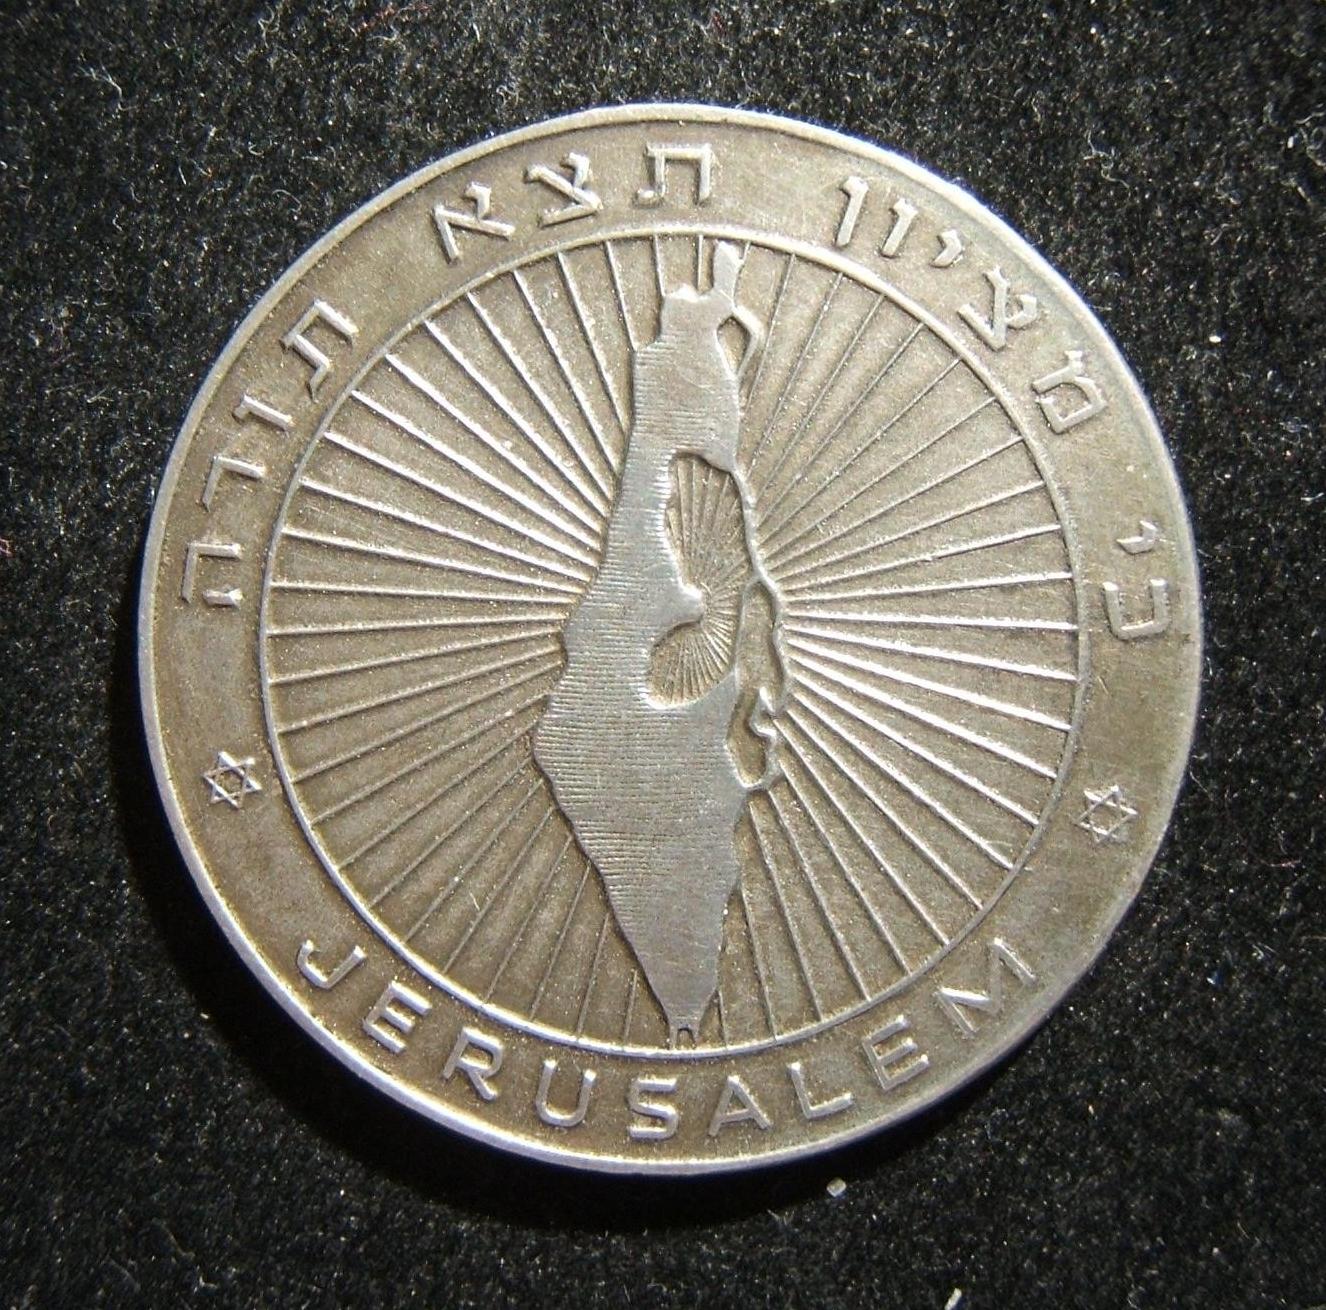 Israel: 1959-1960 Kalender der jüdischen Feiertagen, Medaille aus Silber (?); kein Hersteller gekennzeichnet; Größe: 35,75 mm; Gewicht: 17,05 g. Vorderseite: schattierte Form von I